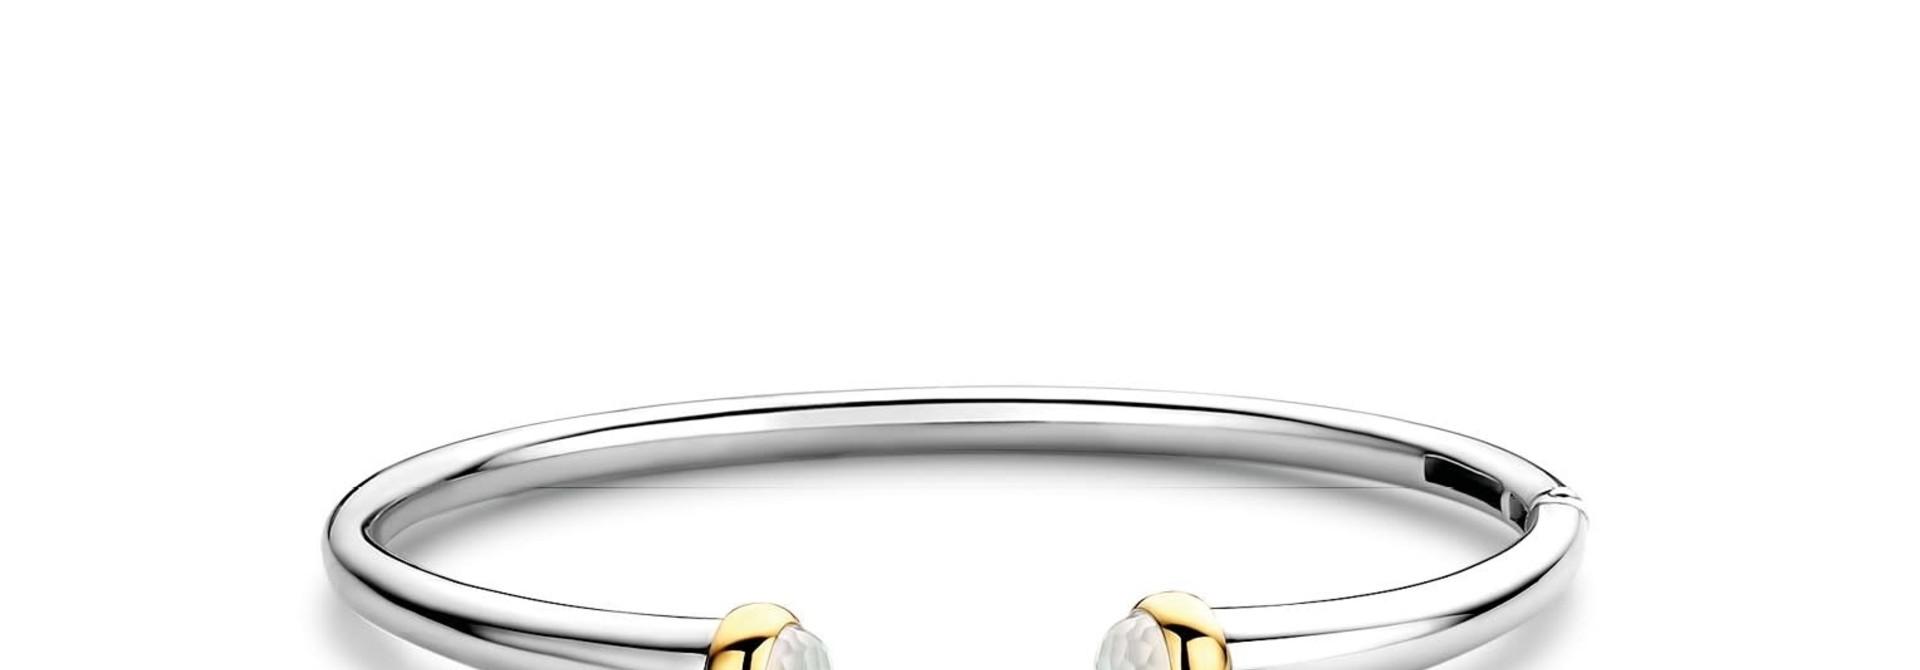 TI SENTO - Milano Armband 2923MW